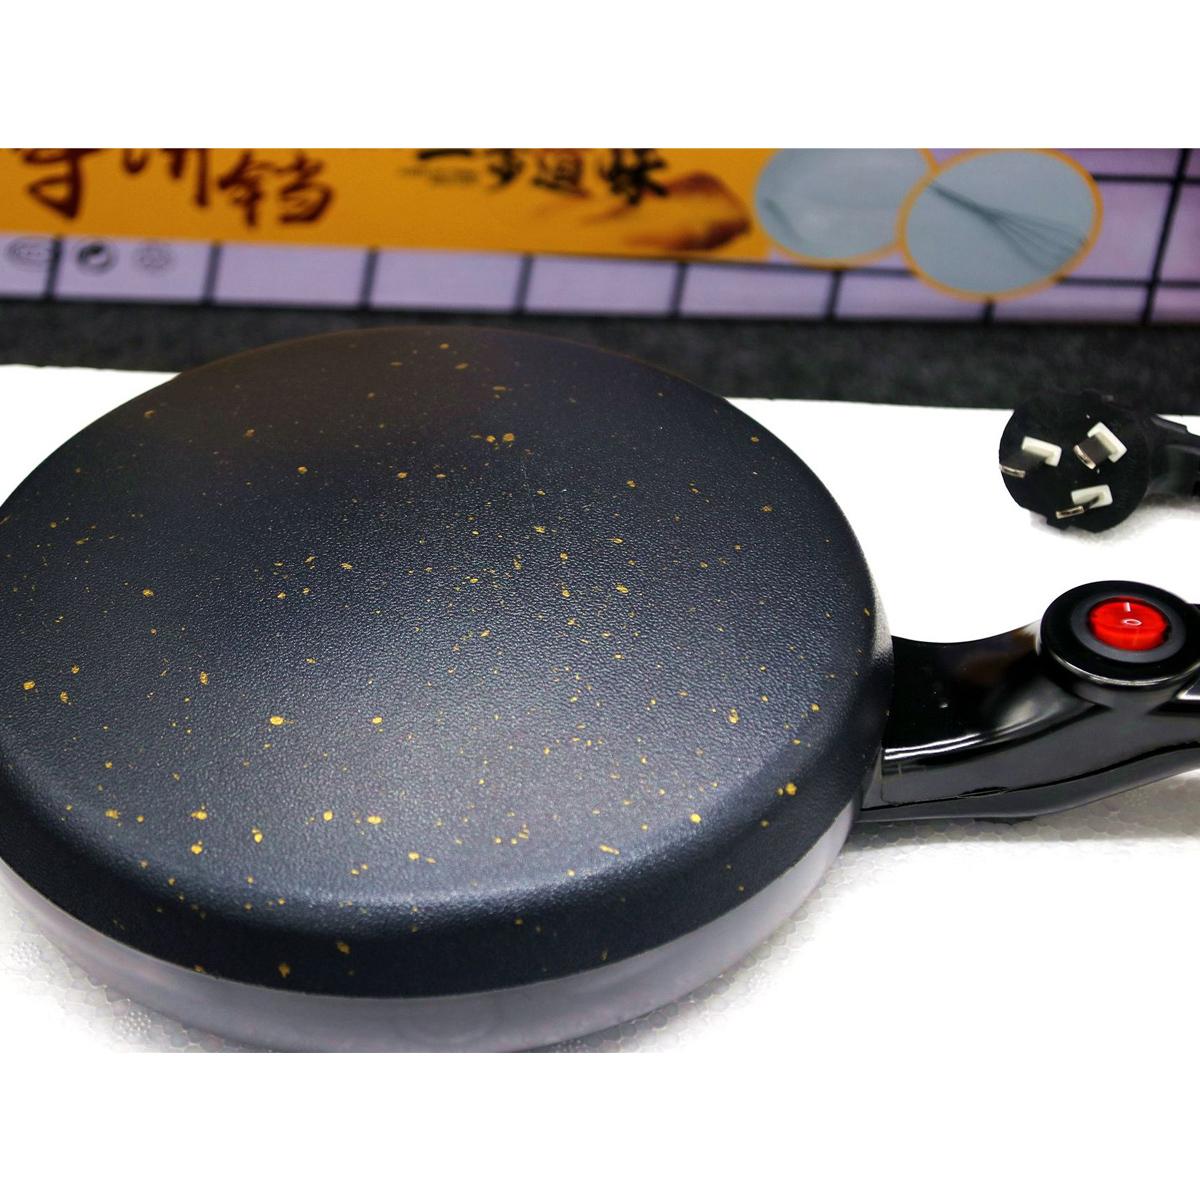 600WКухняЭлектрическаягриль-блинчикдлявыпечки Креп-чайник Торт-машина для пиццы